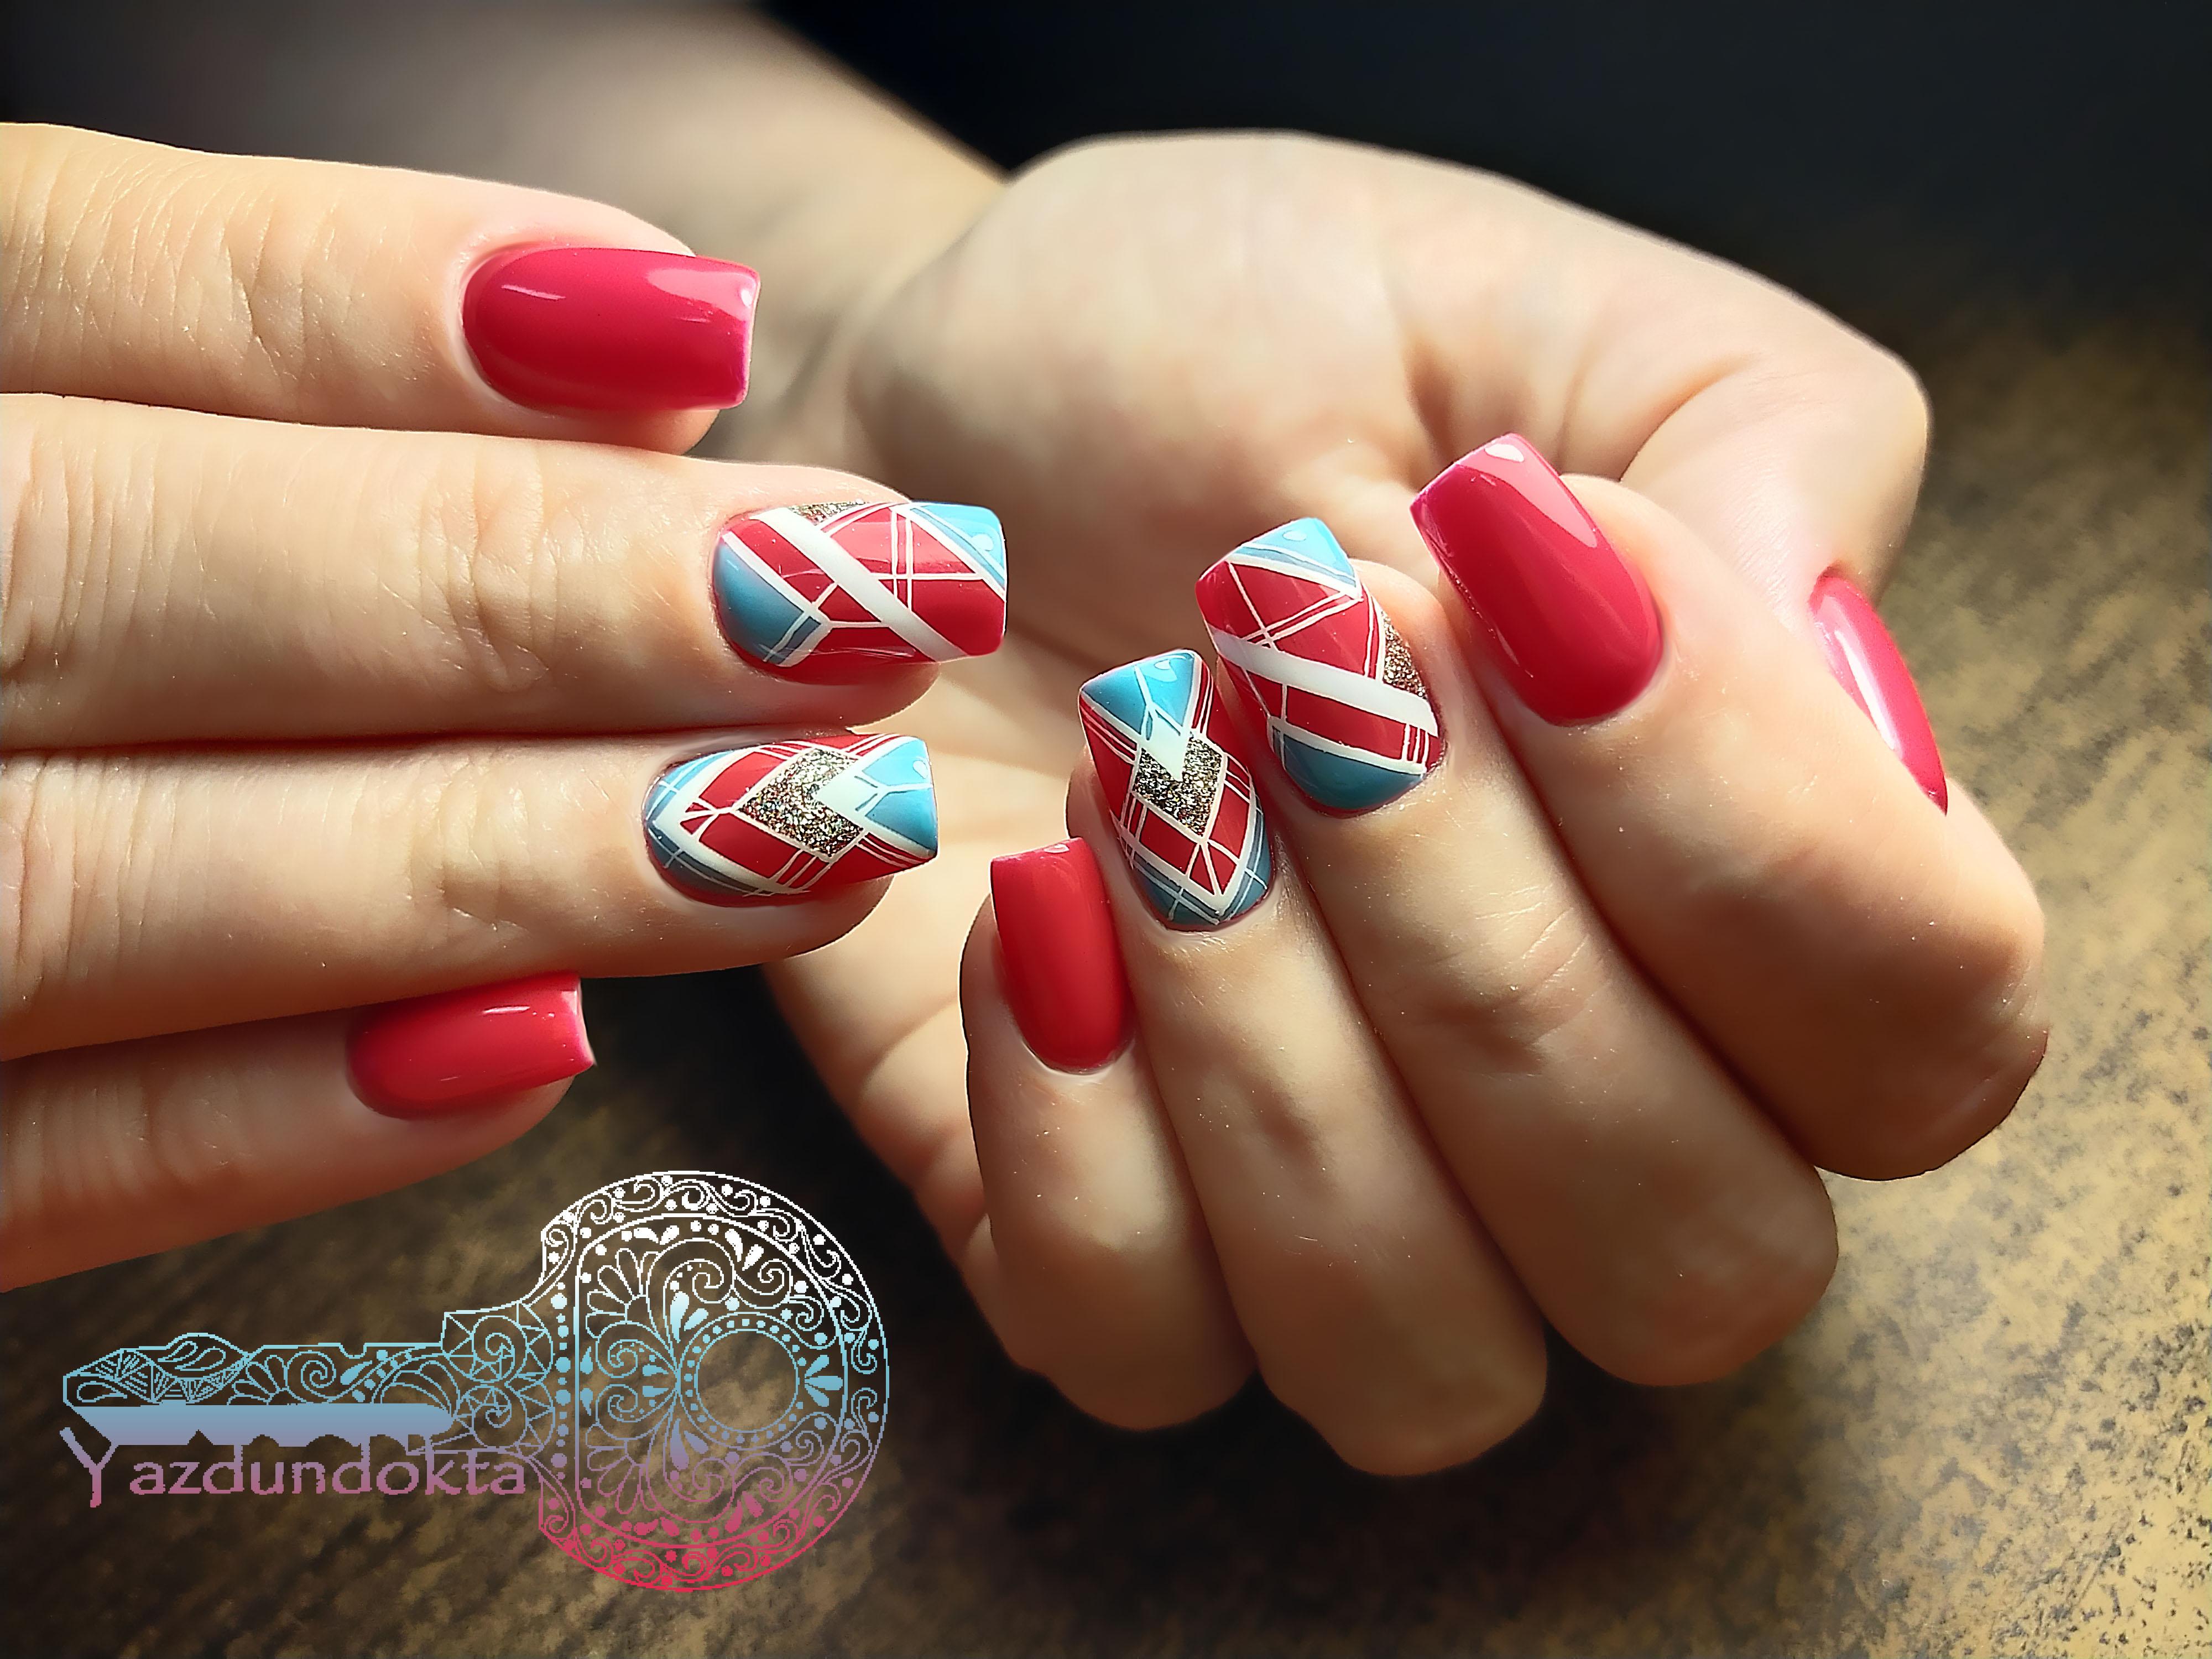 Геометрический маникюр с блестками в красном цвете на длинные ногти.